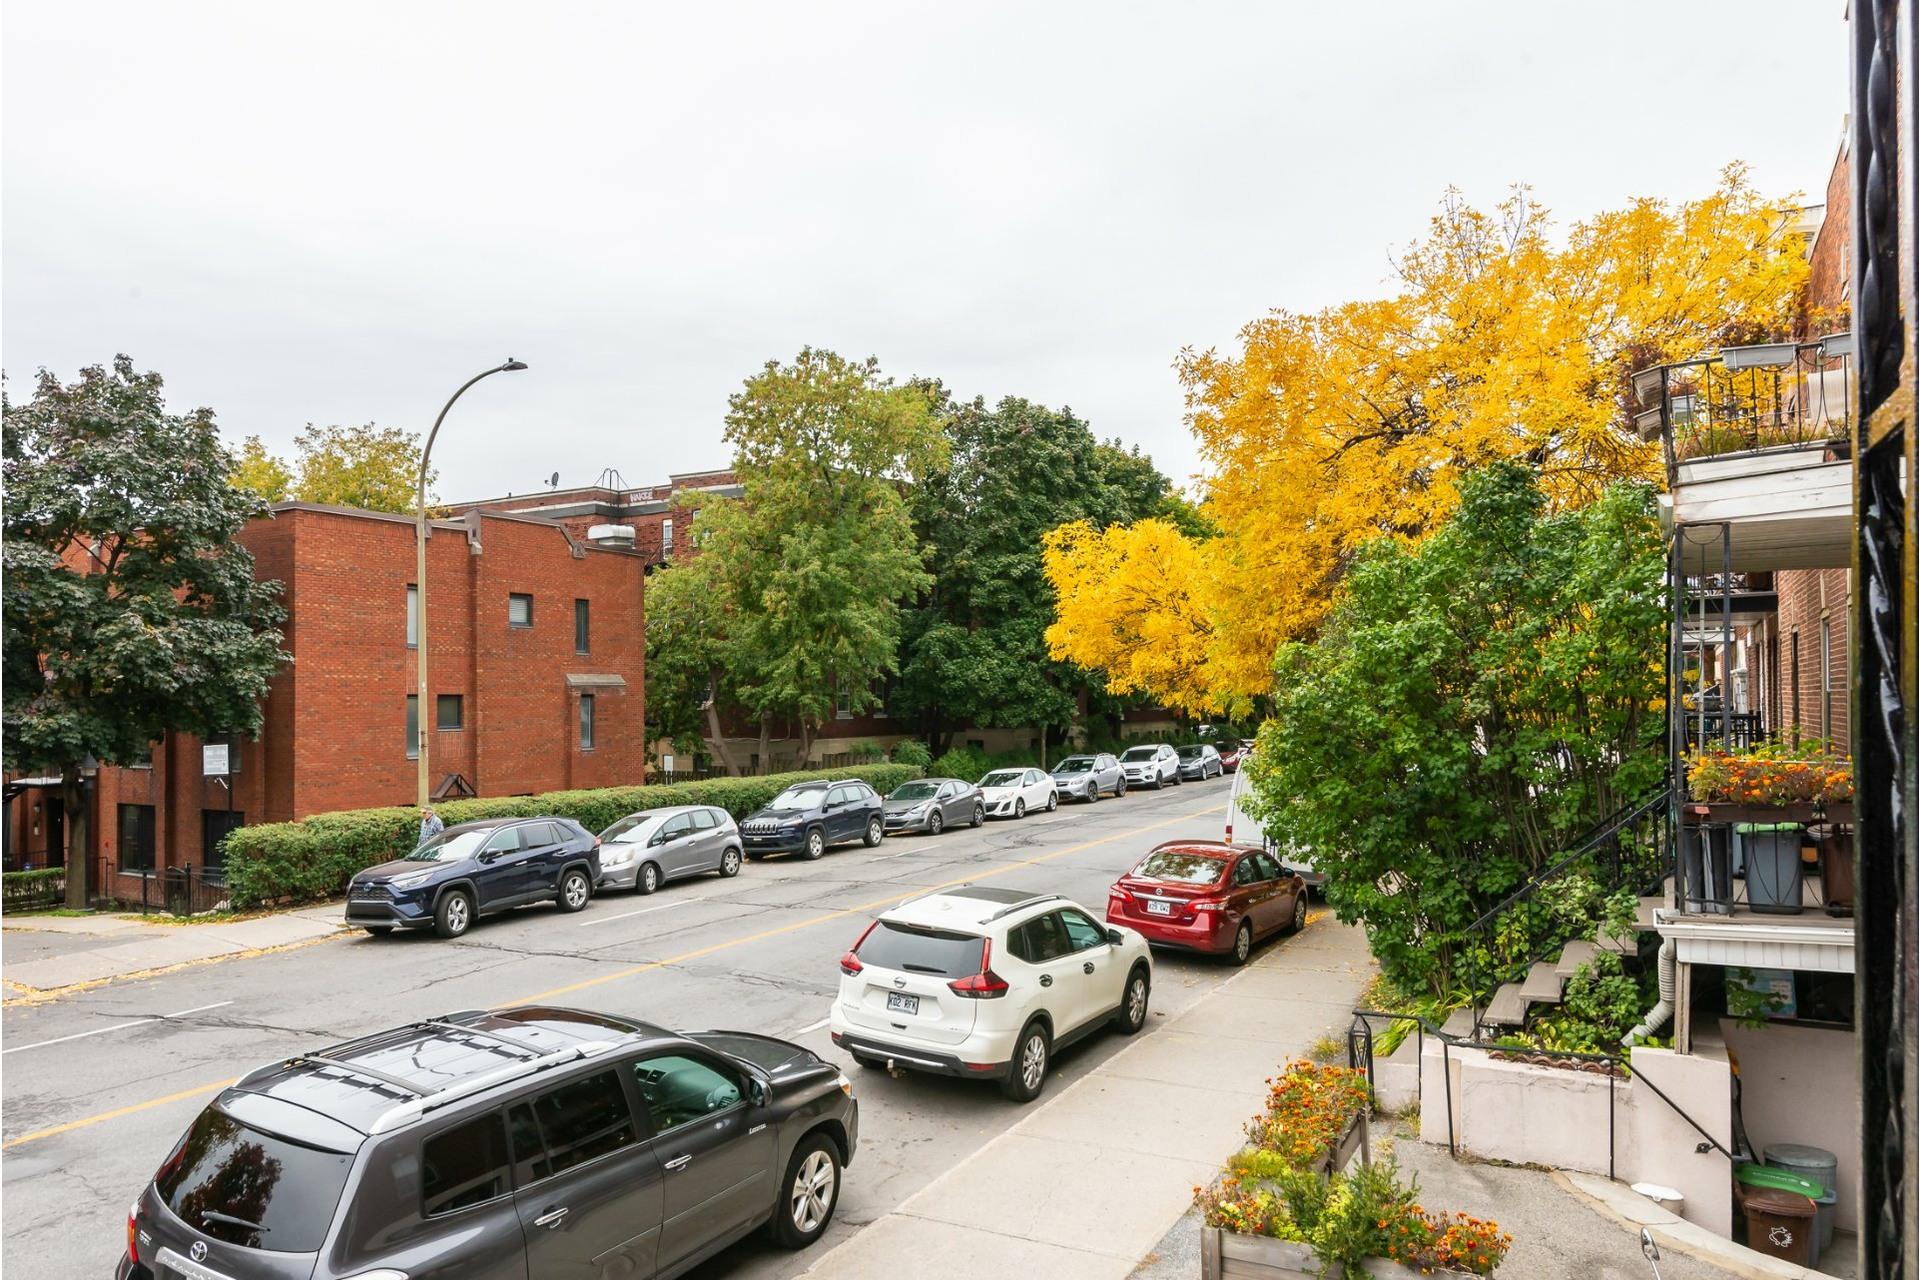 image 25 - Duplex À vendre Côte-des-Neiges/Notre-Dame-de-Grâce Montréal  - 5 pièces